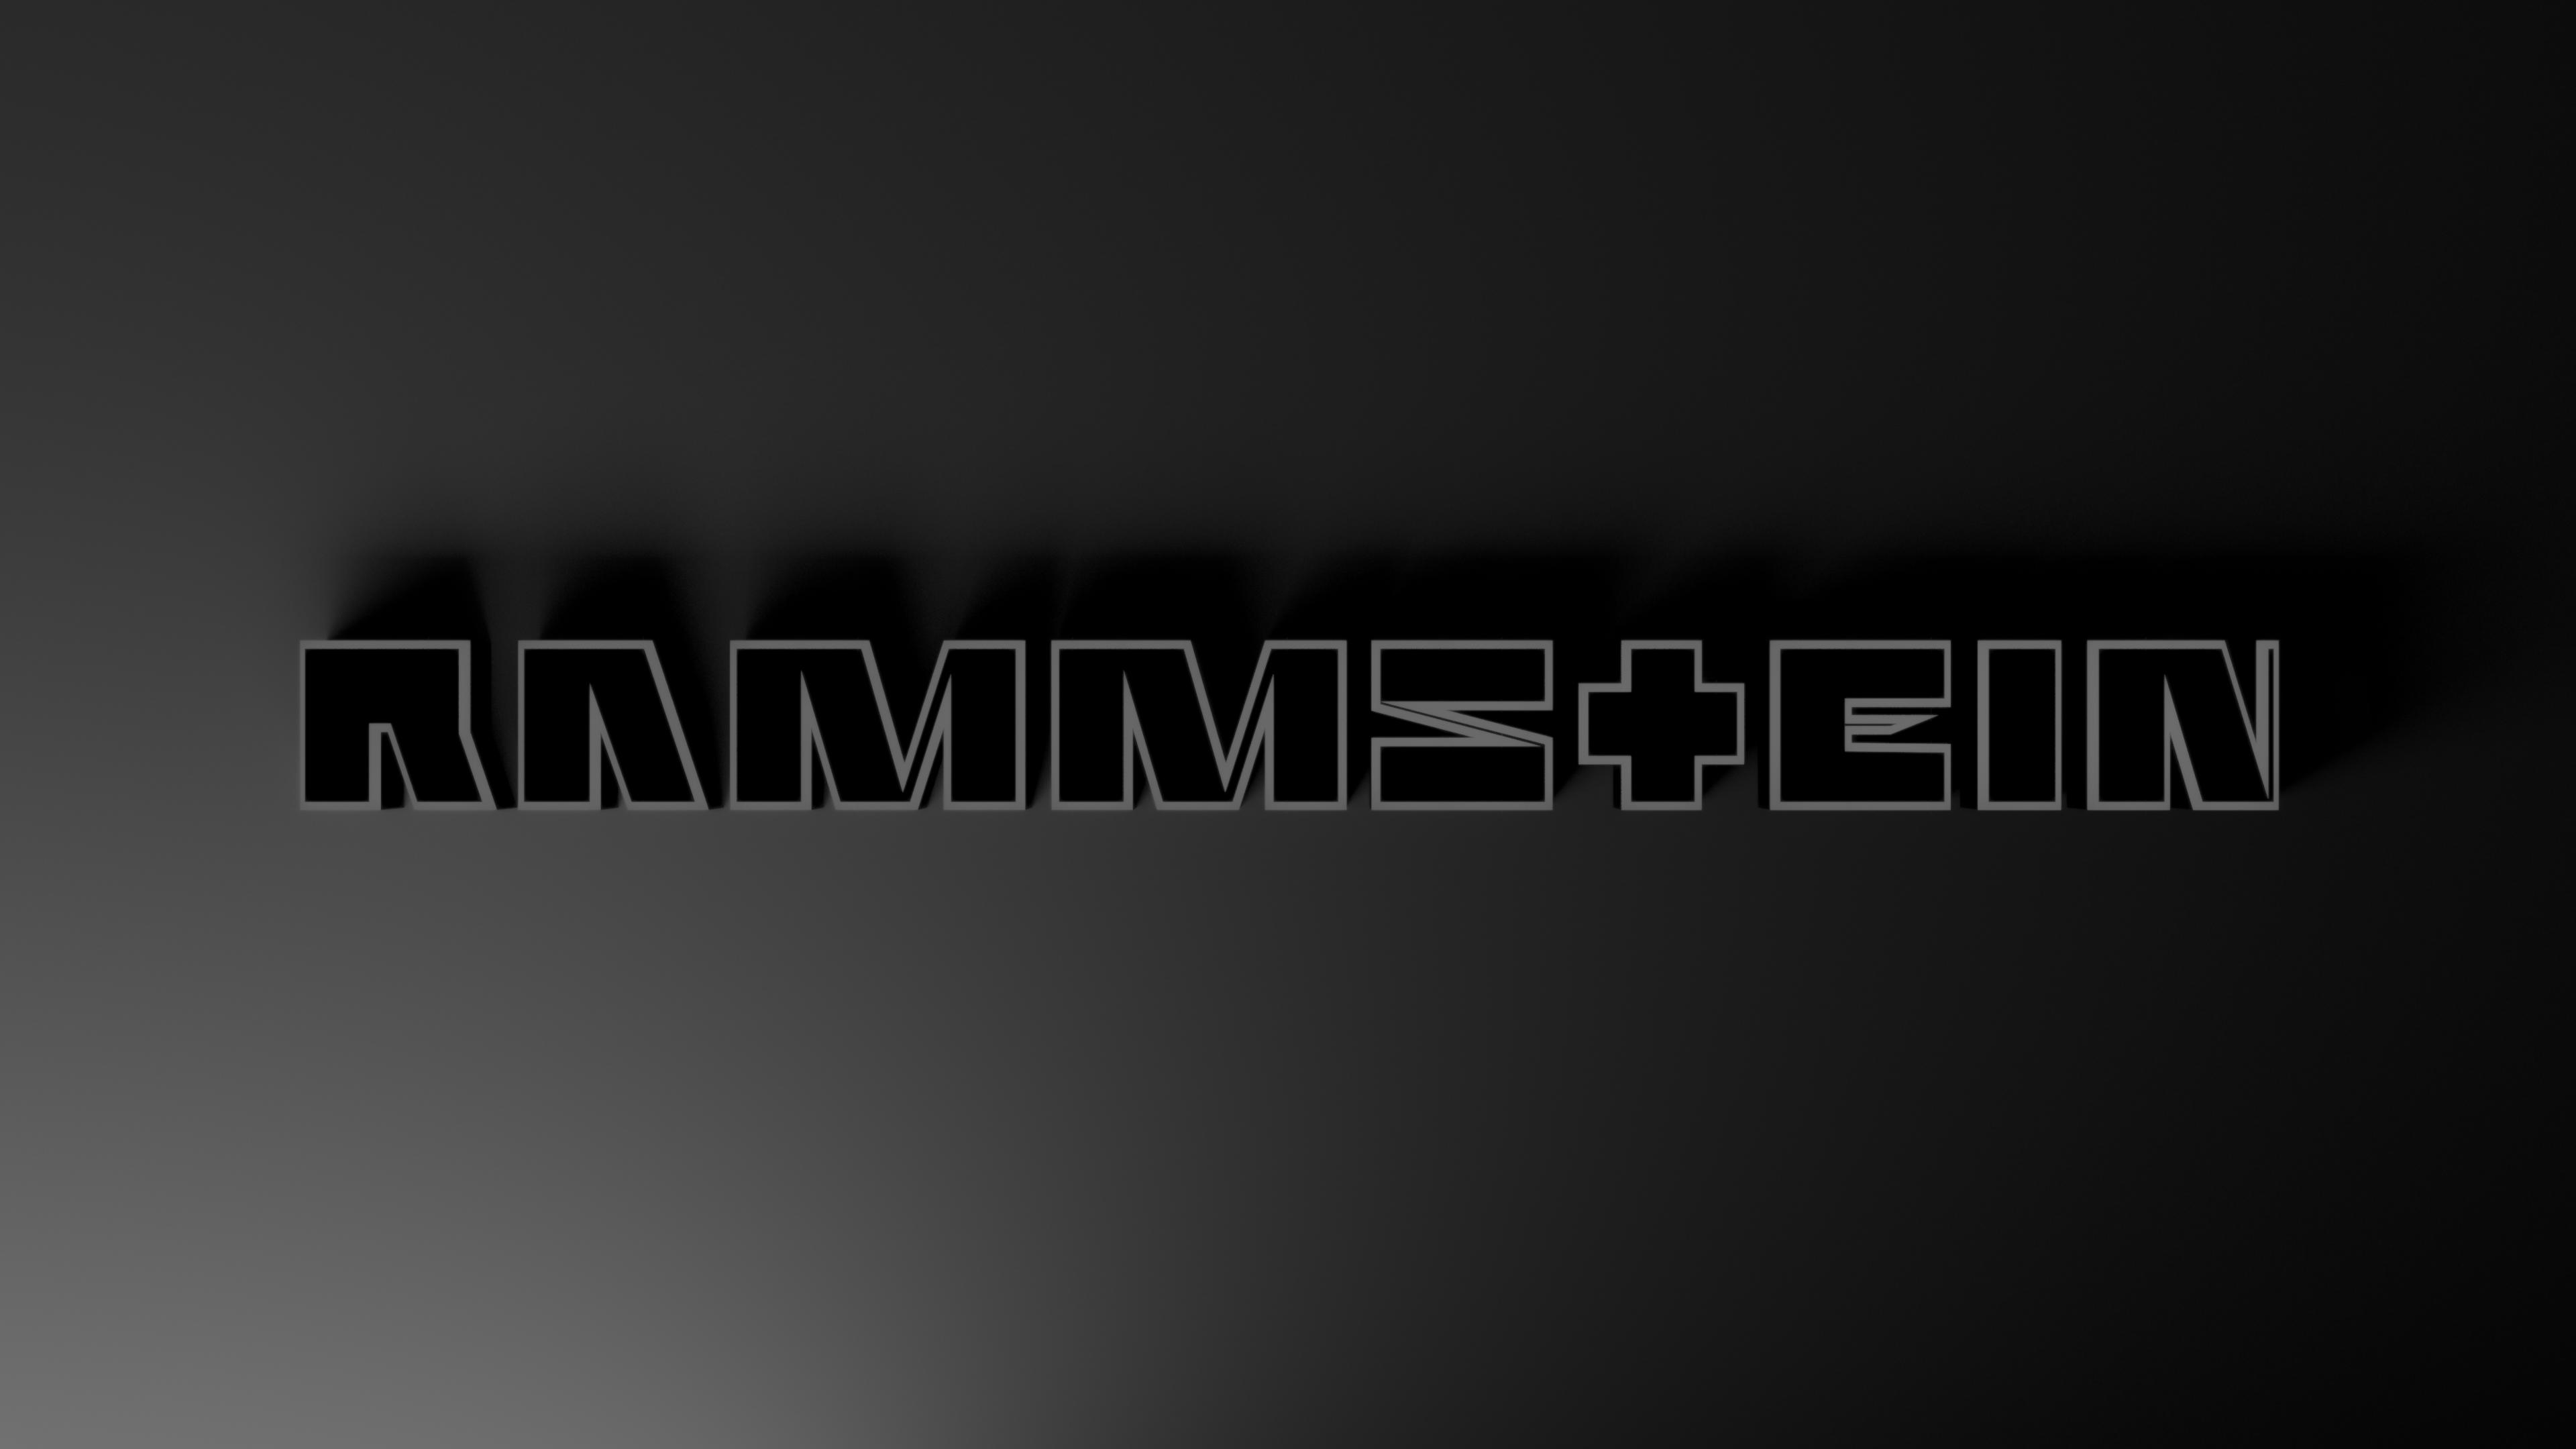 Rammstein Logo Wallpapers Hd Wallpaper Cave